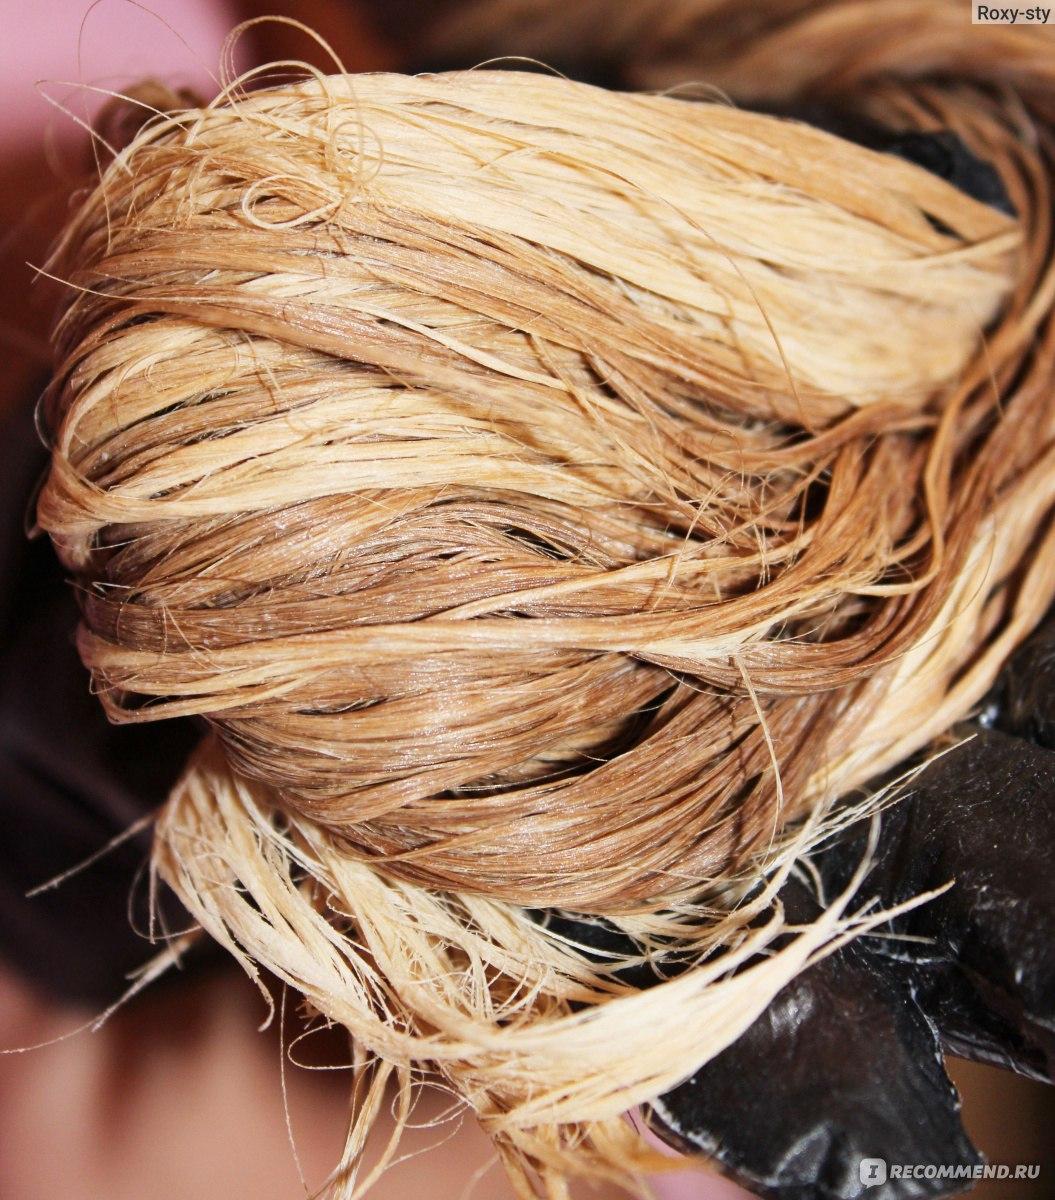 Краски для обесцвечивание волос в домашних условиях отзывы